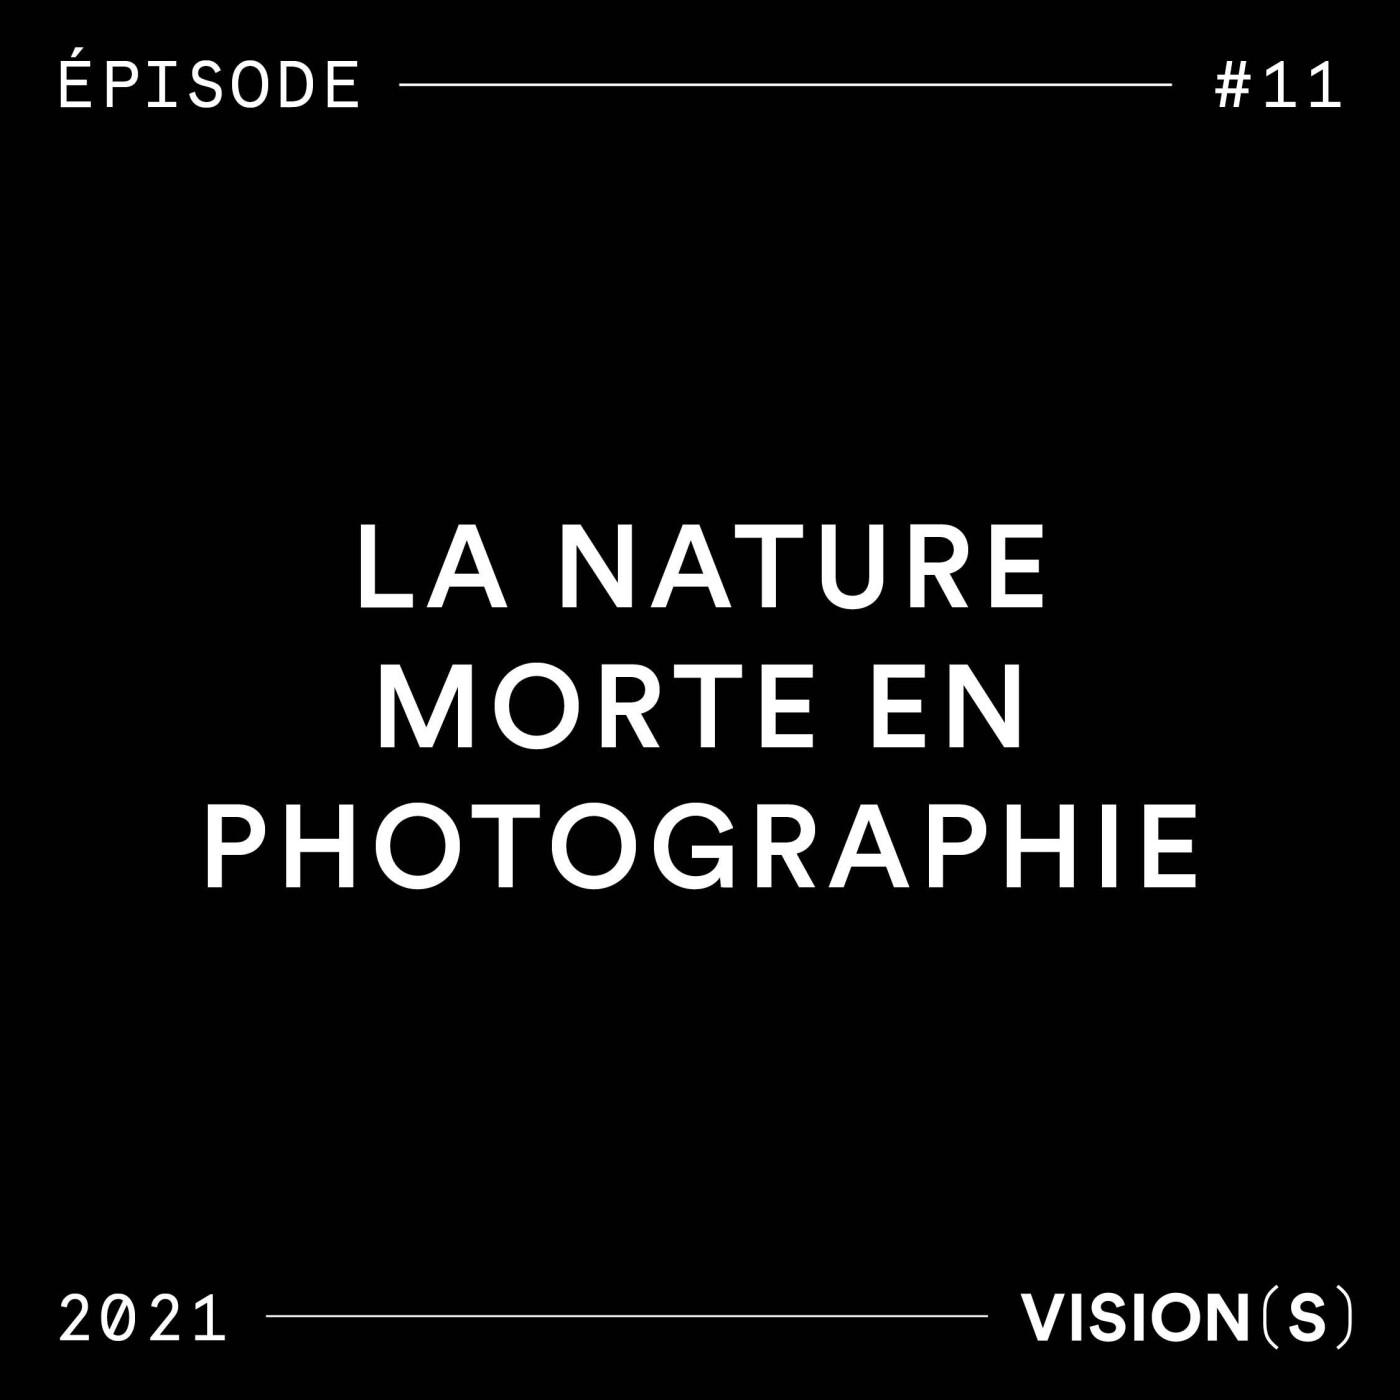 EPISODE #11 - La nature morte en photographie